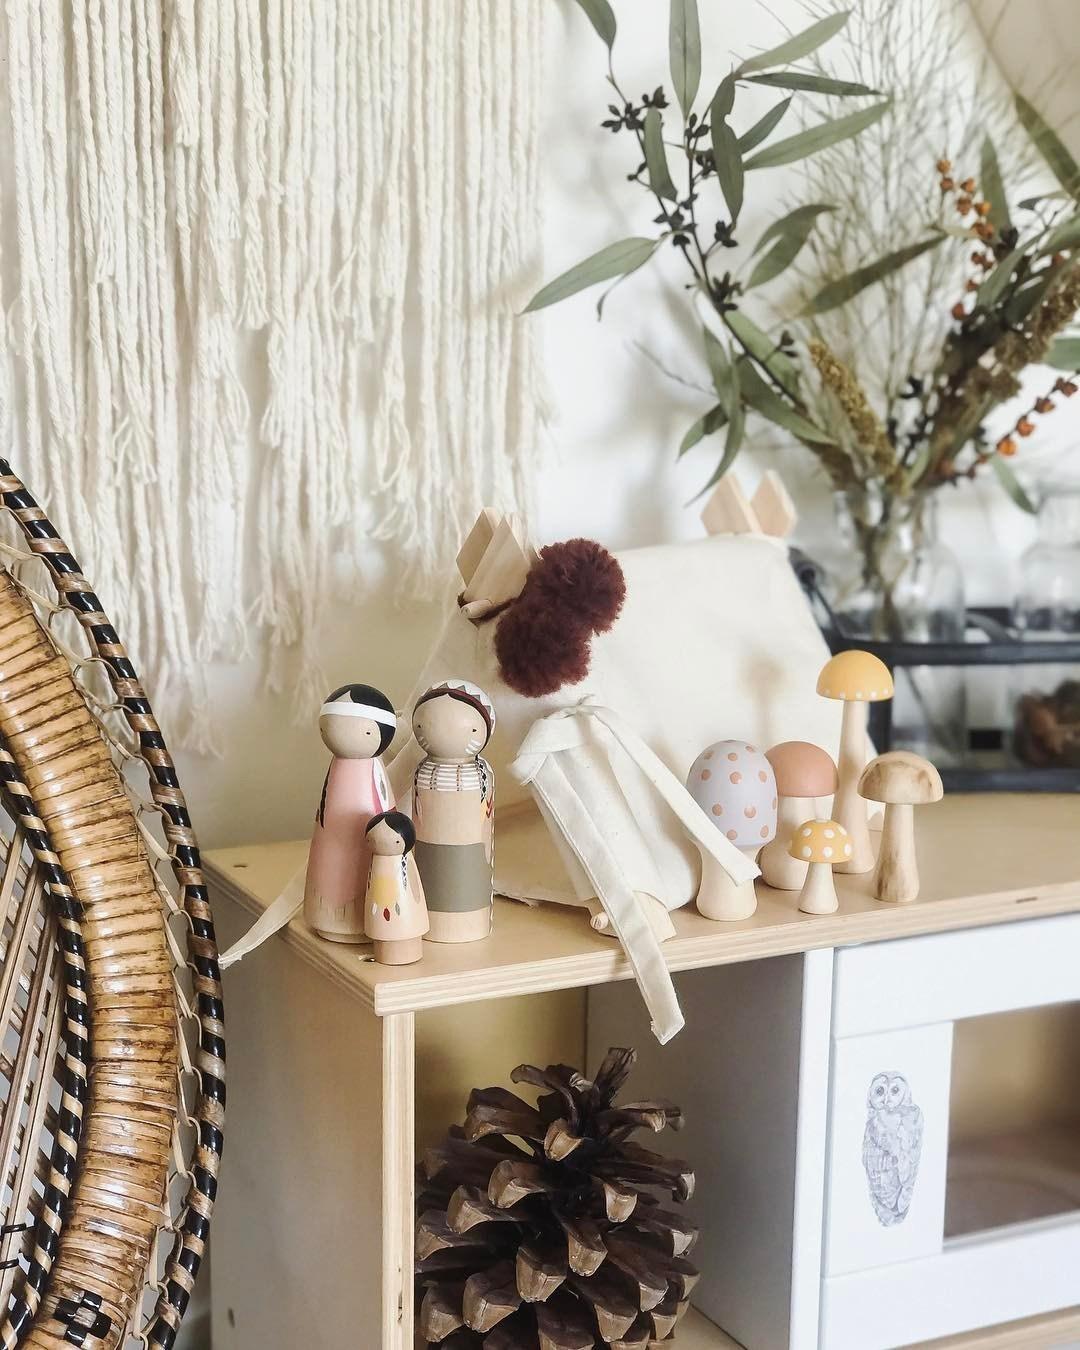 Ý tưởng trang trí phòng bé siêu dễ thương với chất liệu thân thiện môi trường - Ảnh 13.